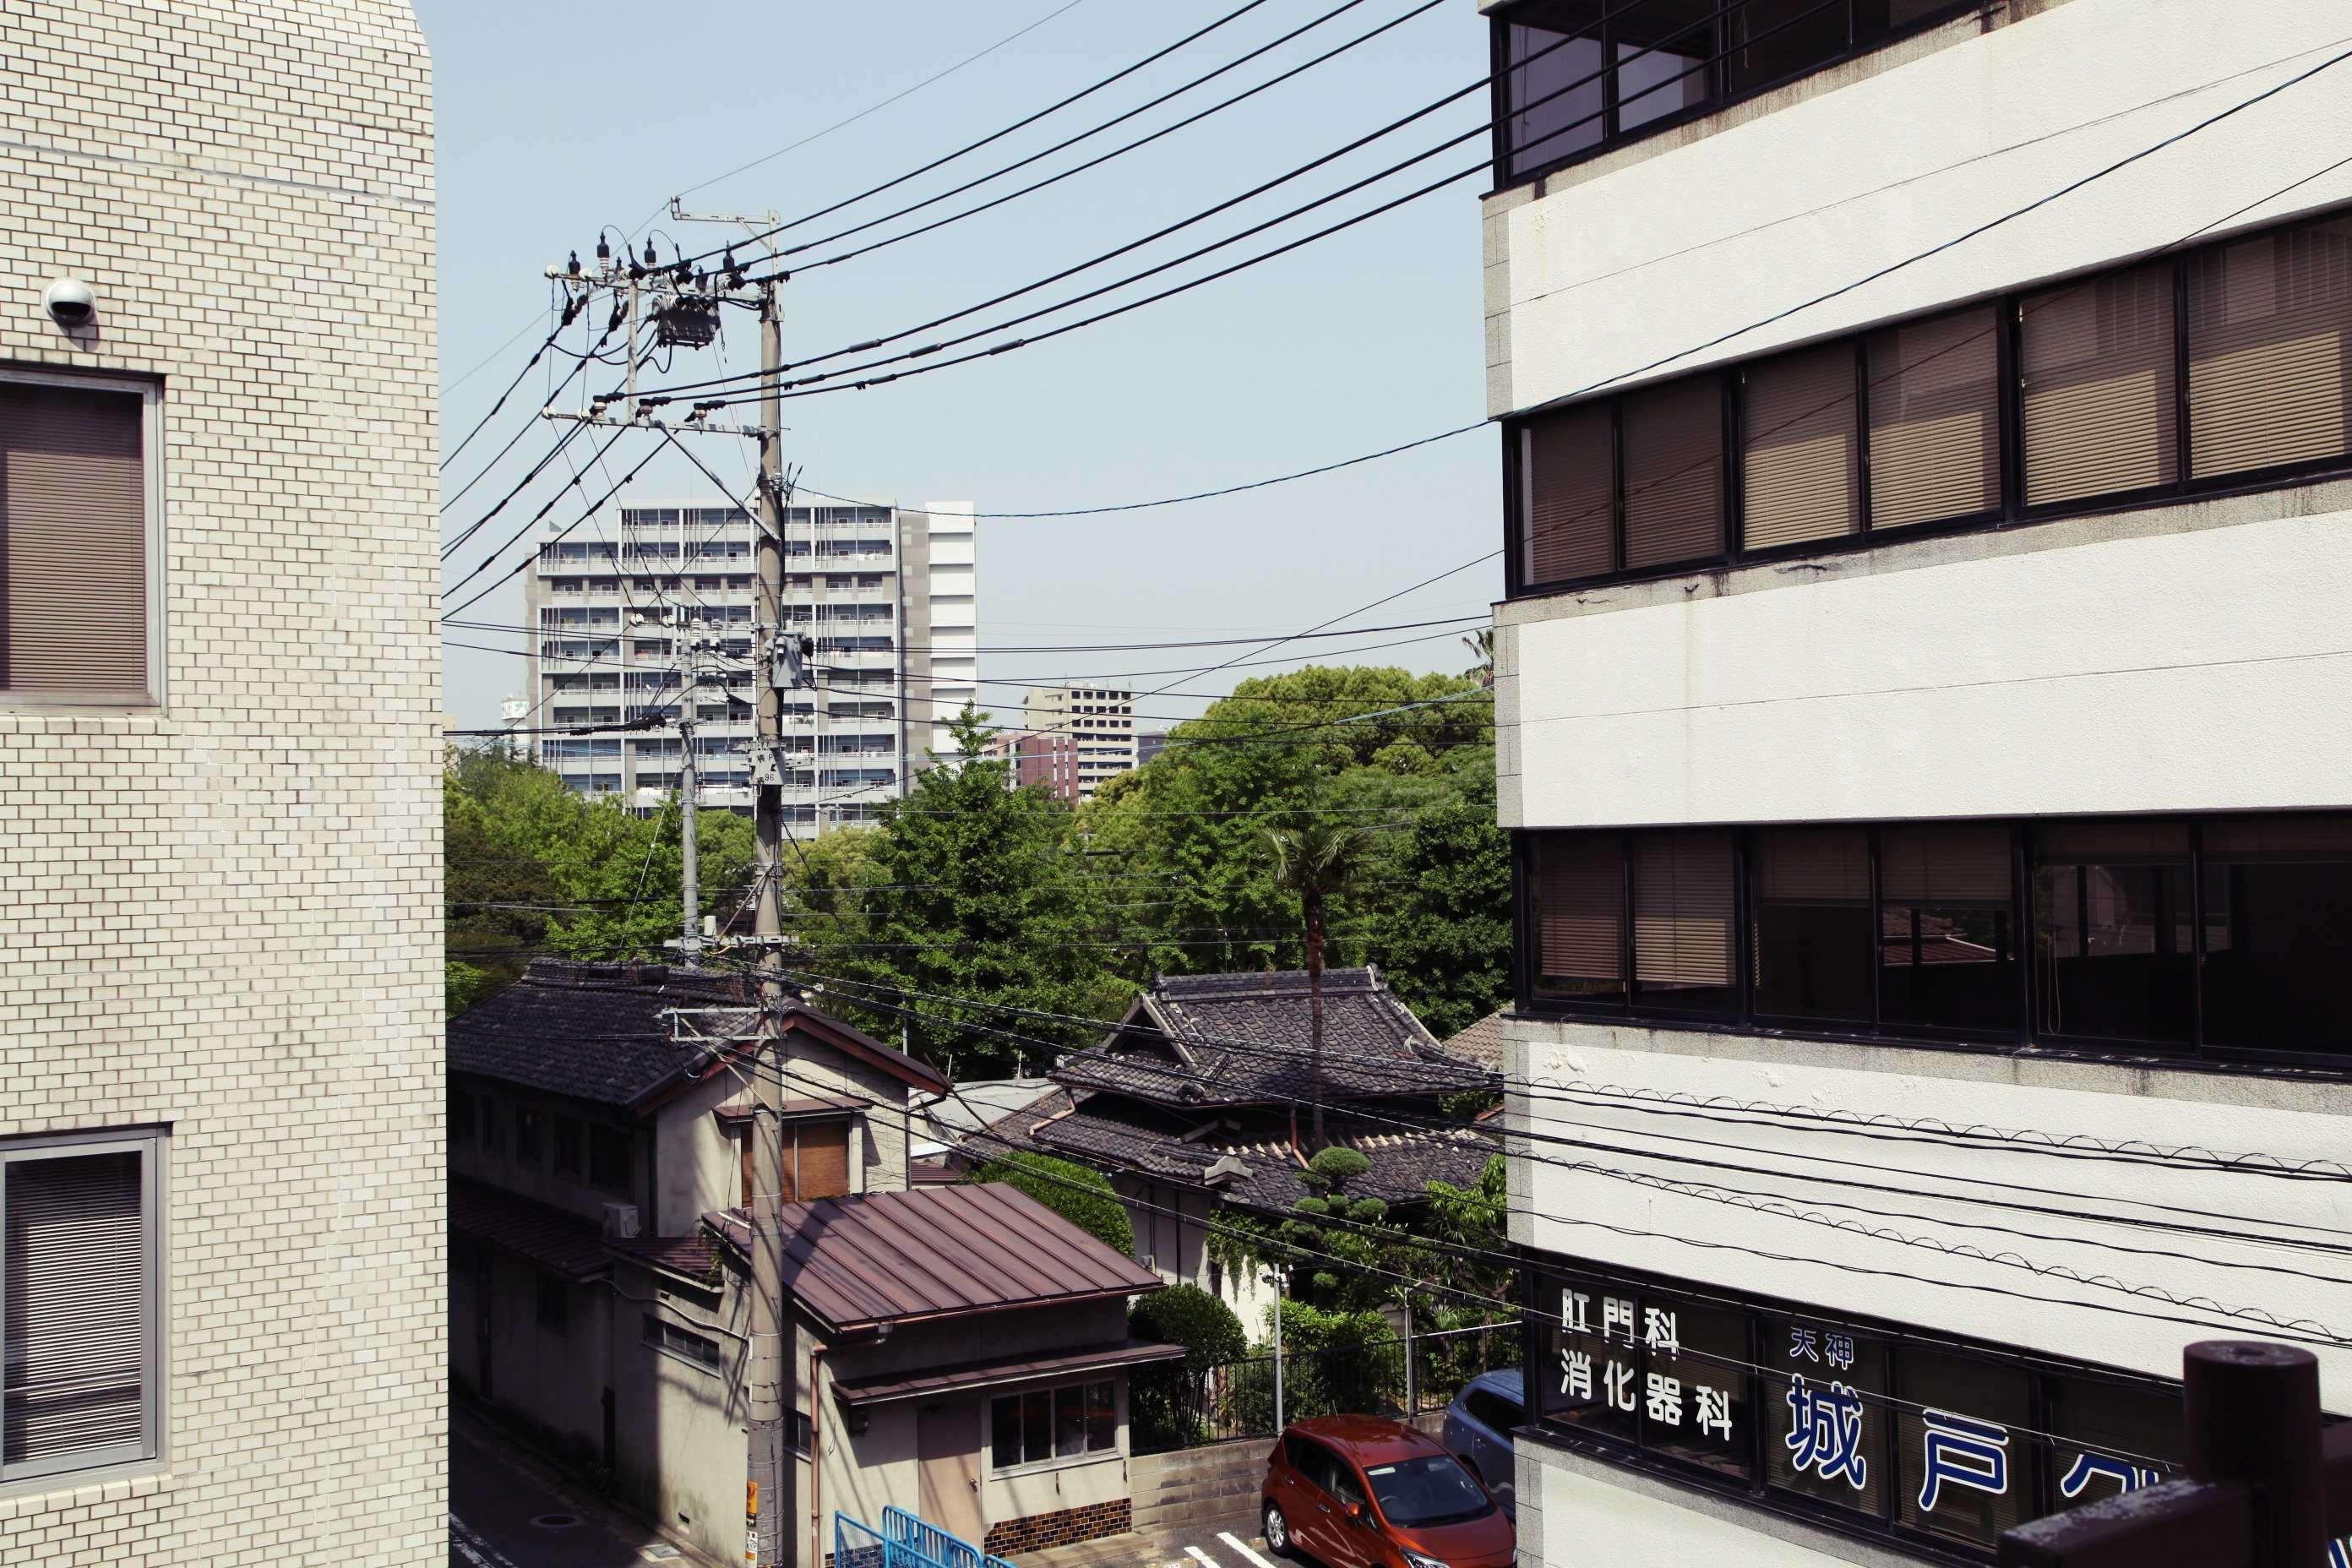 窓からはチラリ須崎公園。煮詰まったら散歩でも。